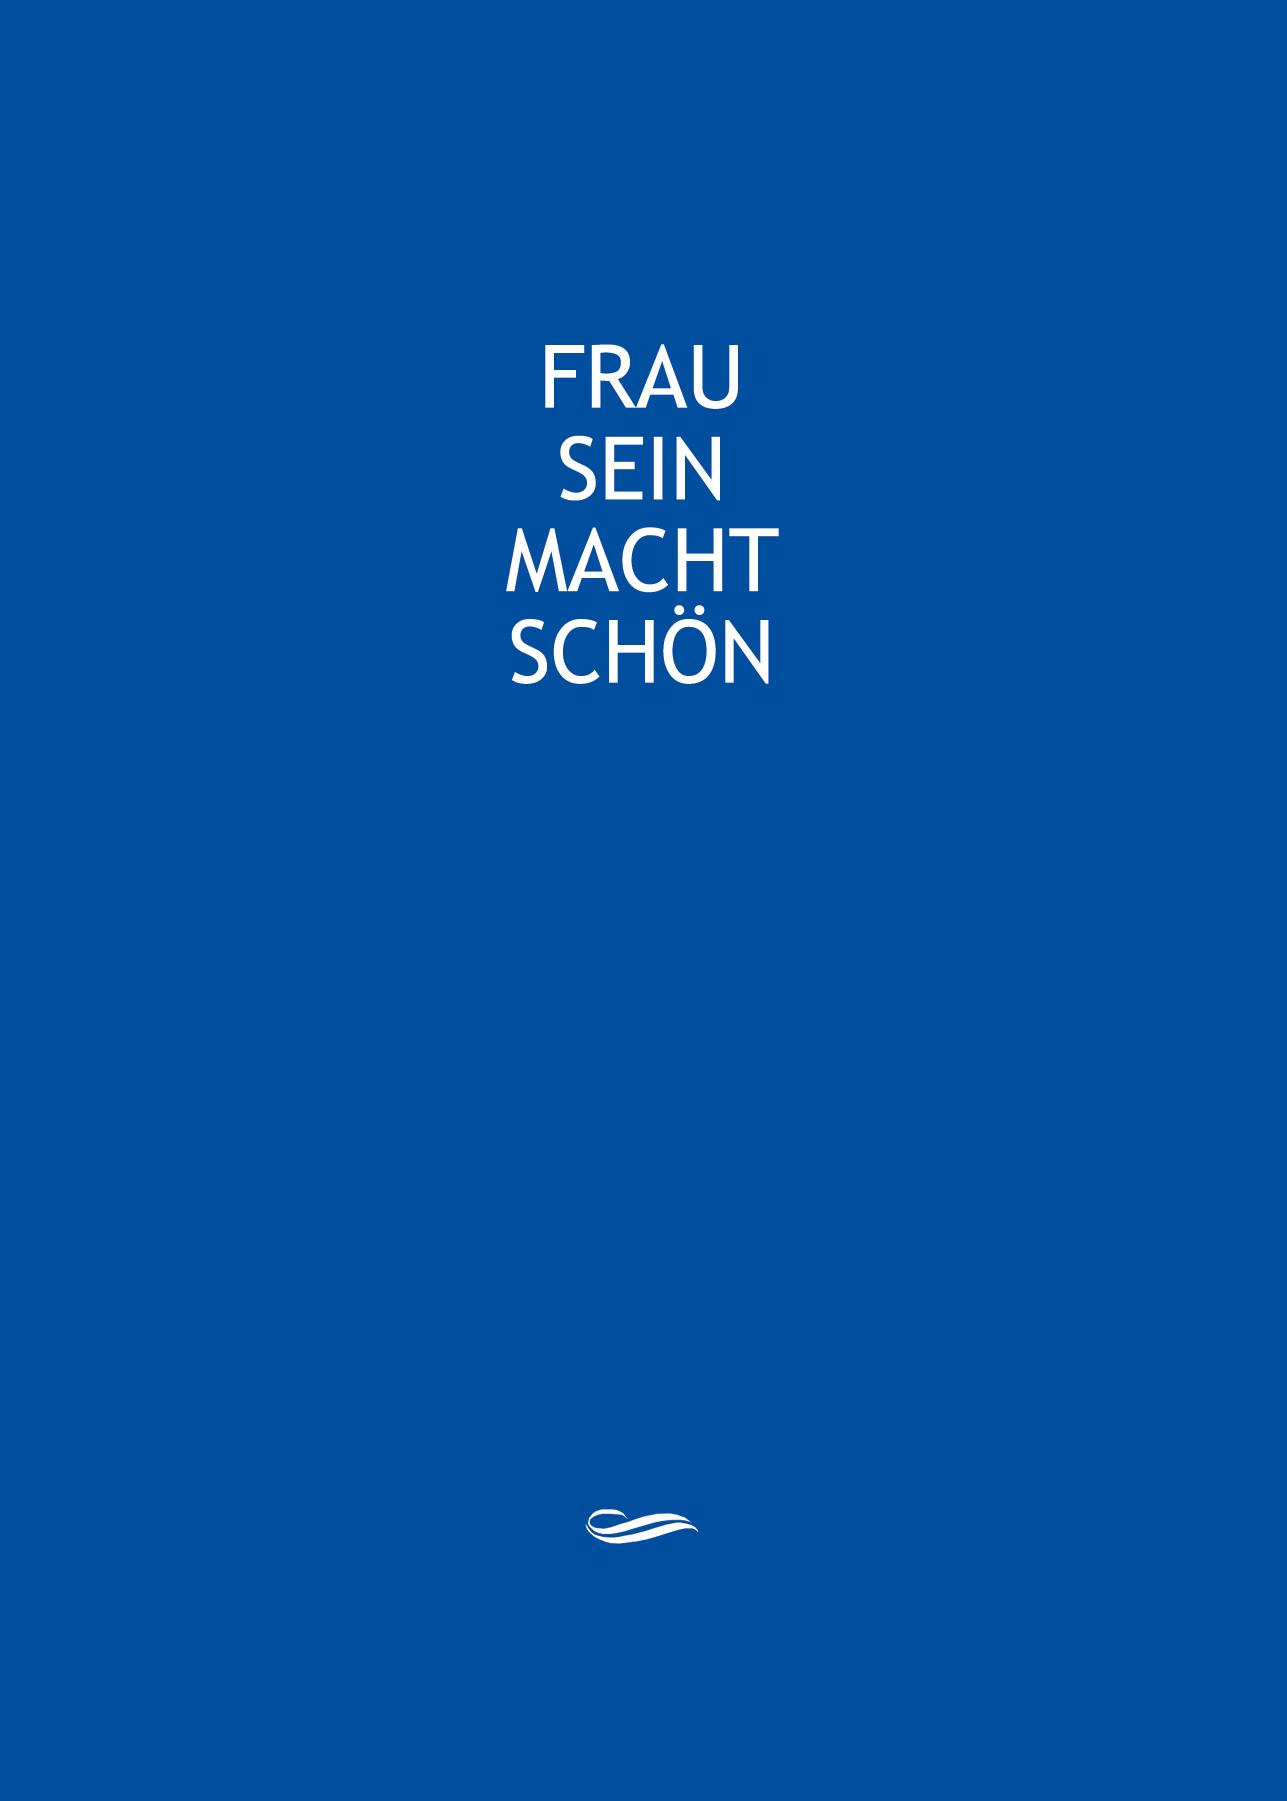 Postkarte_FRAU-SEIN_Vorderansicht_für-Web